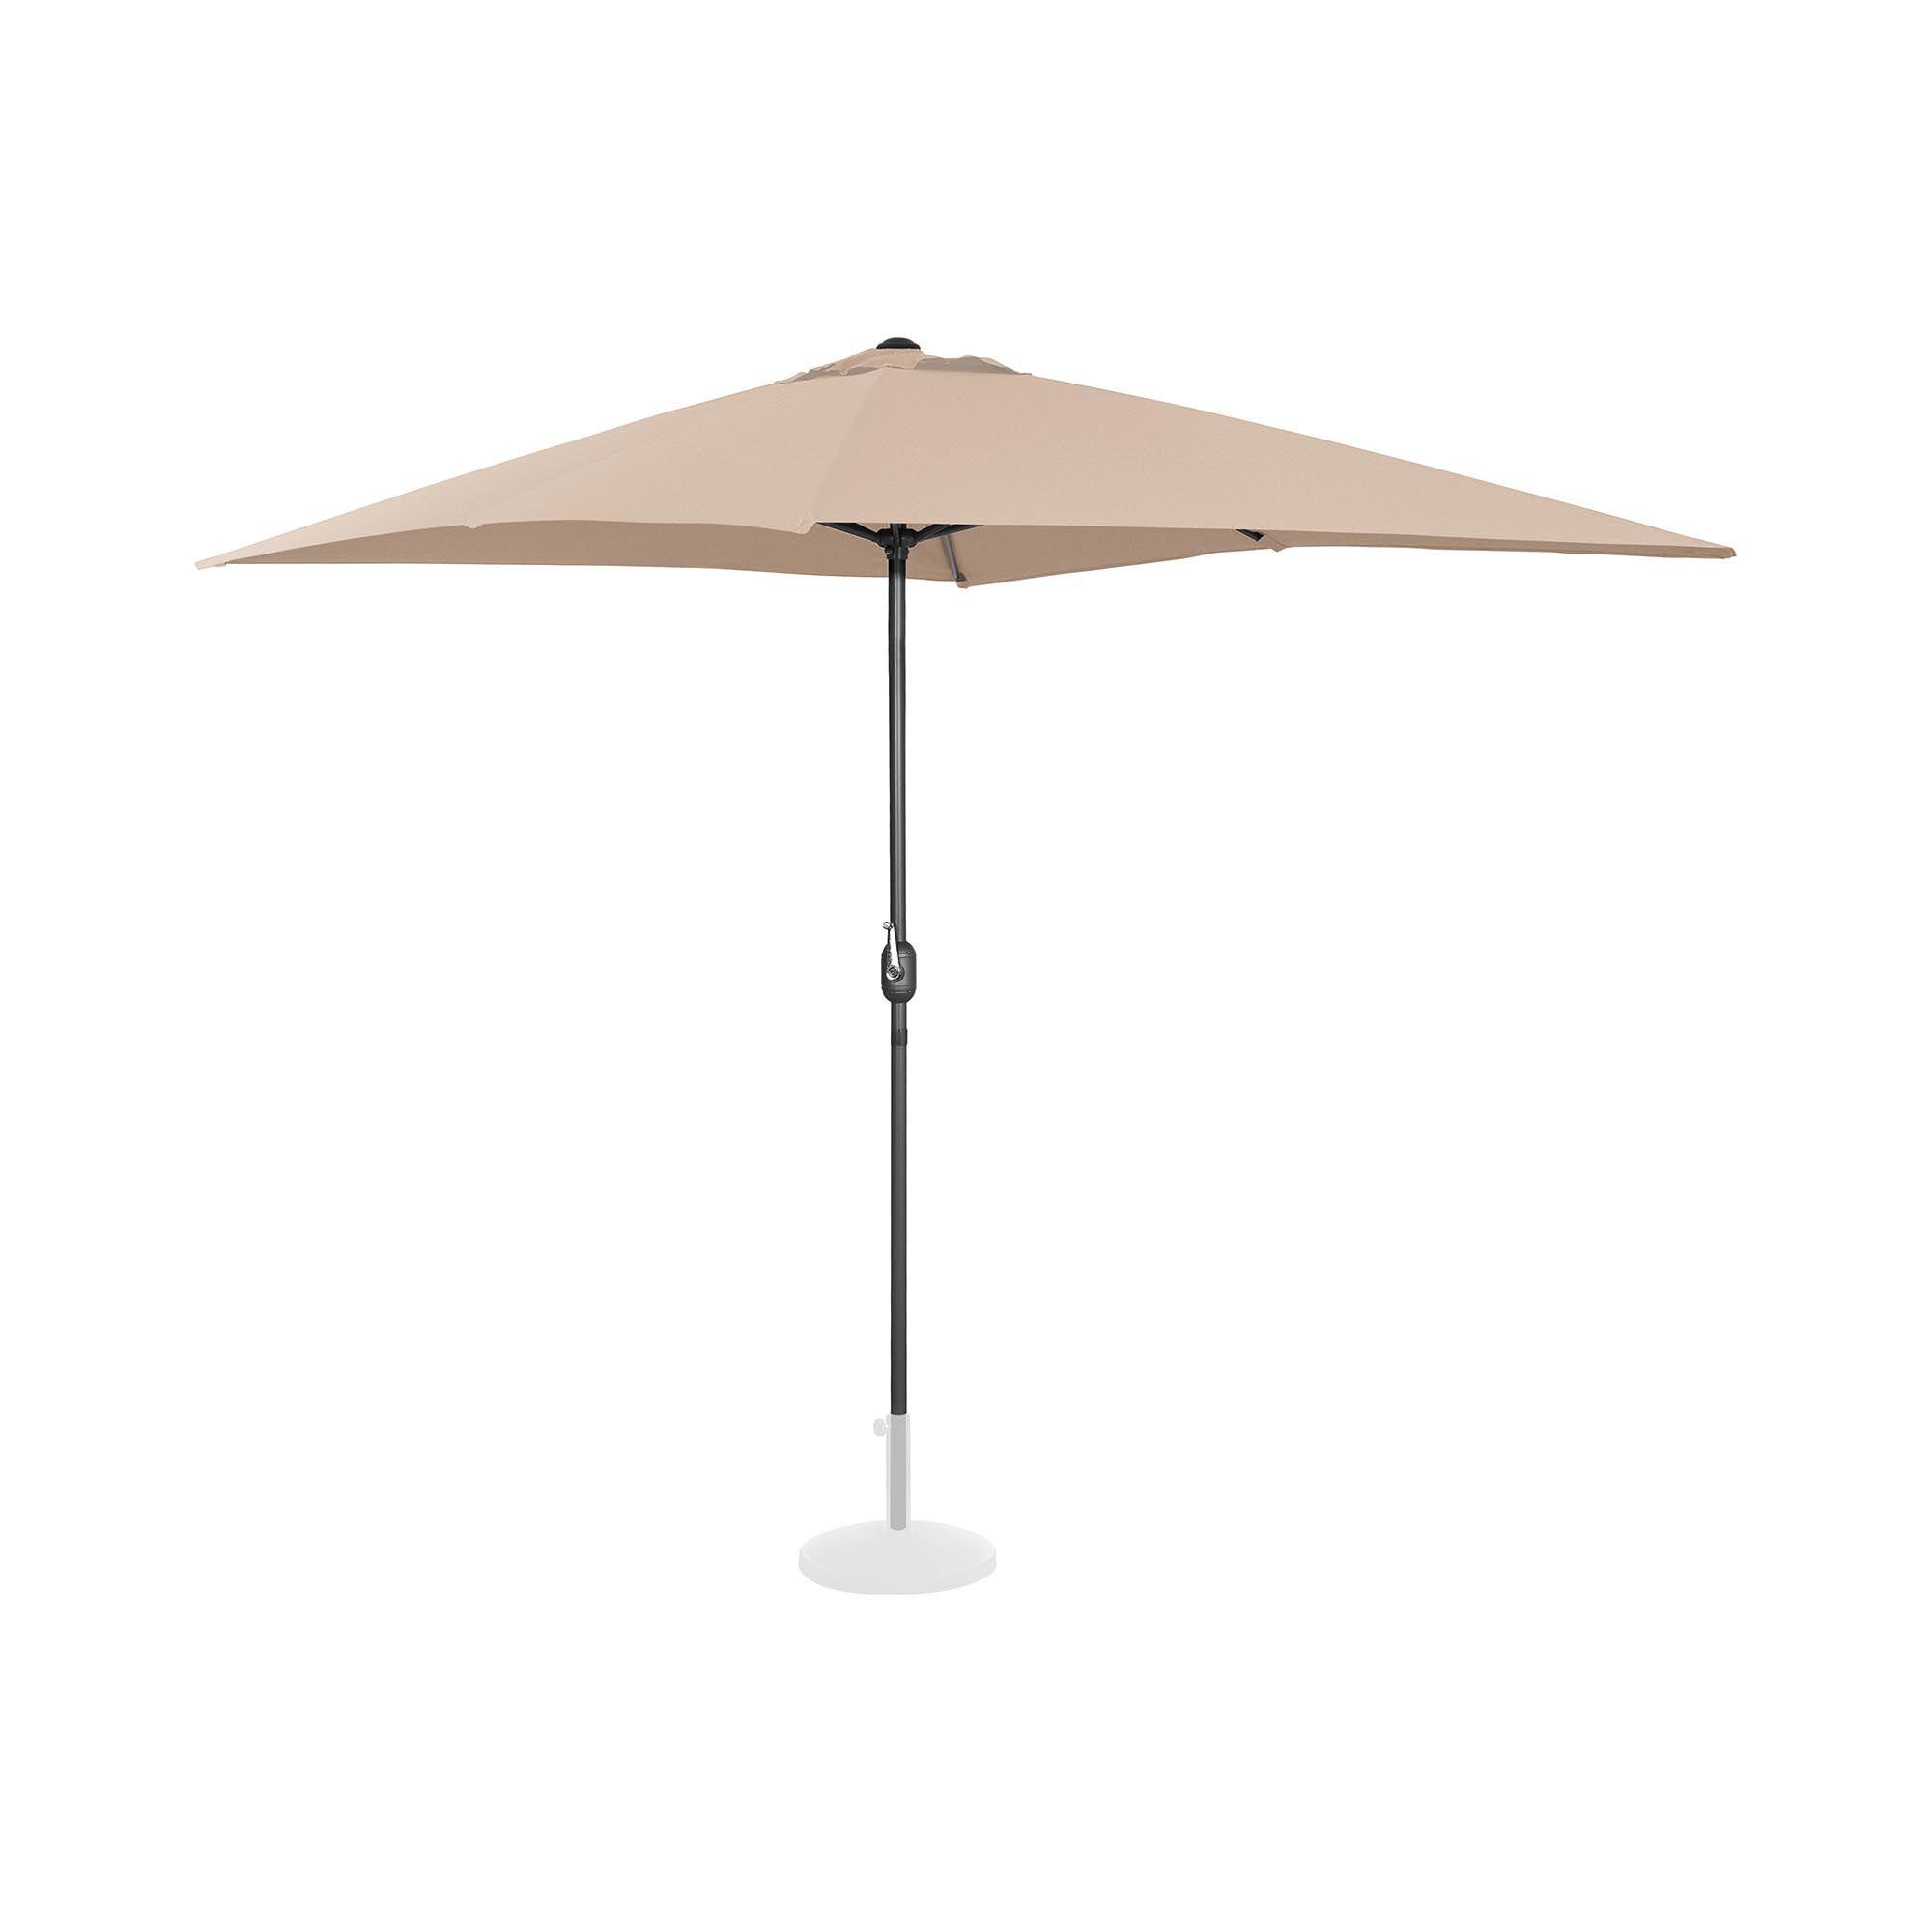 Uniprodo Ombrellone da esterno grande - crema - rettangolare - 200 x 300 cm UNI_UMBRELLA_SQ2030CR